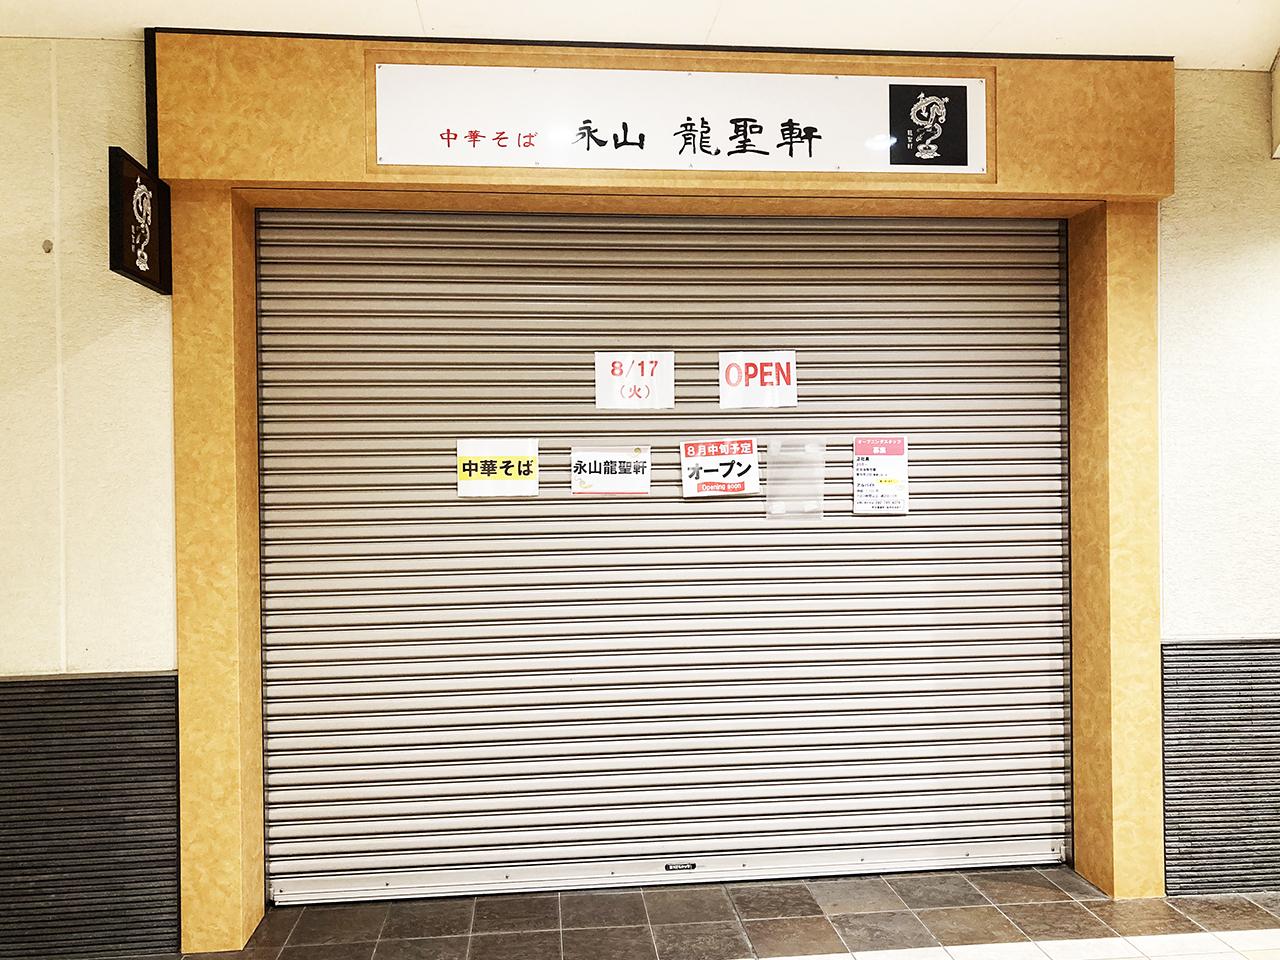 京王永山駅1階にラーメン店『永山龍聖軒』が8月17日にオープンします!待ちきれず鶴川の店舗に行ってきたレポート!